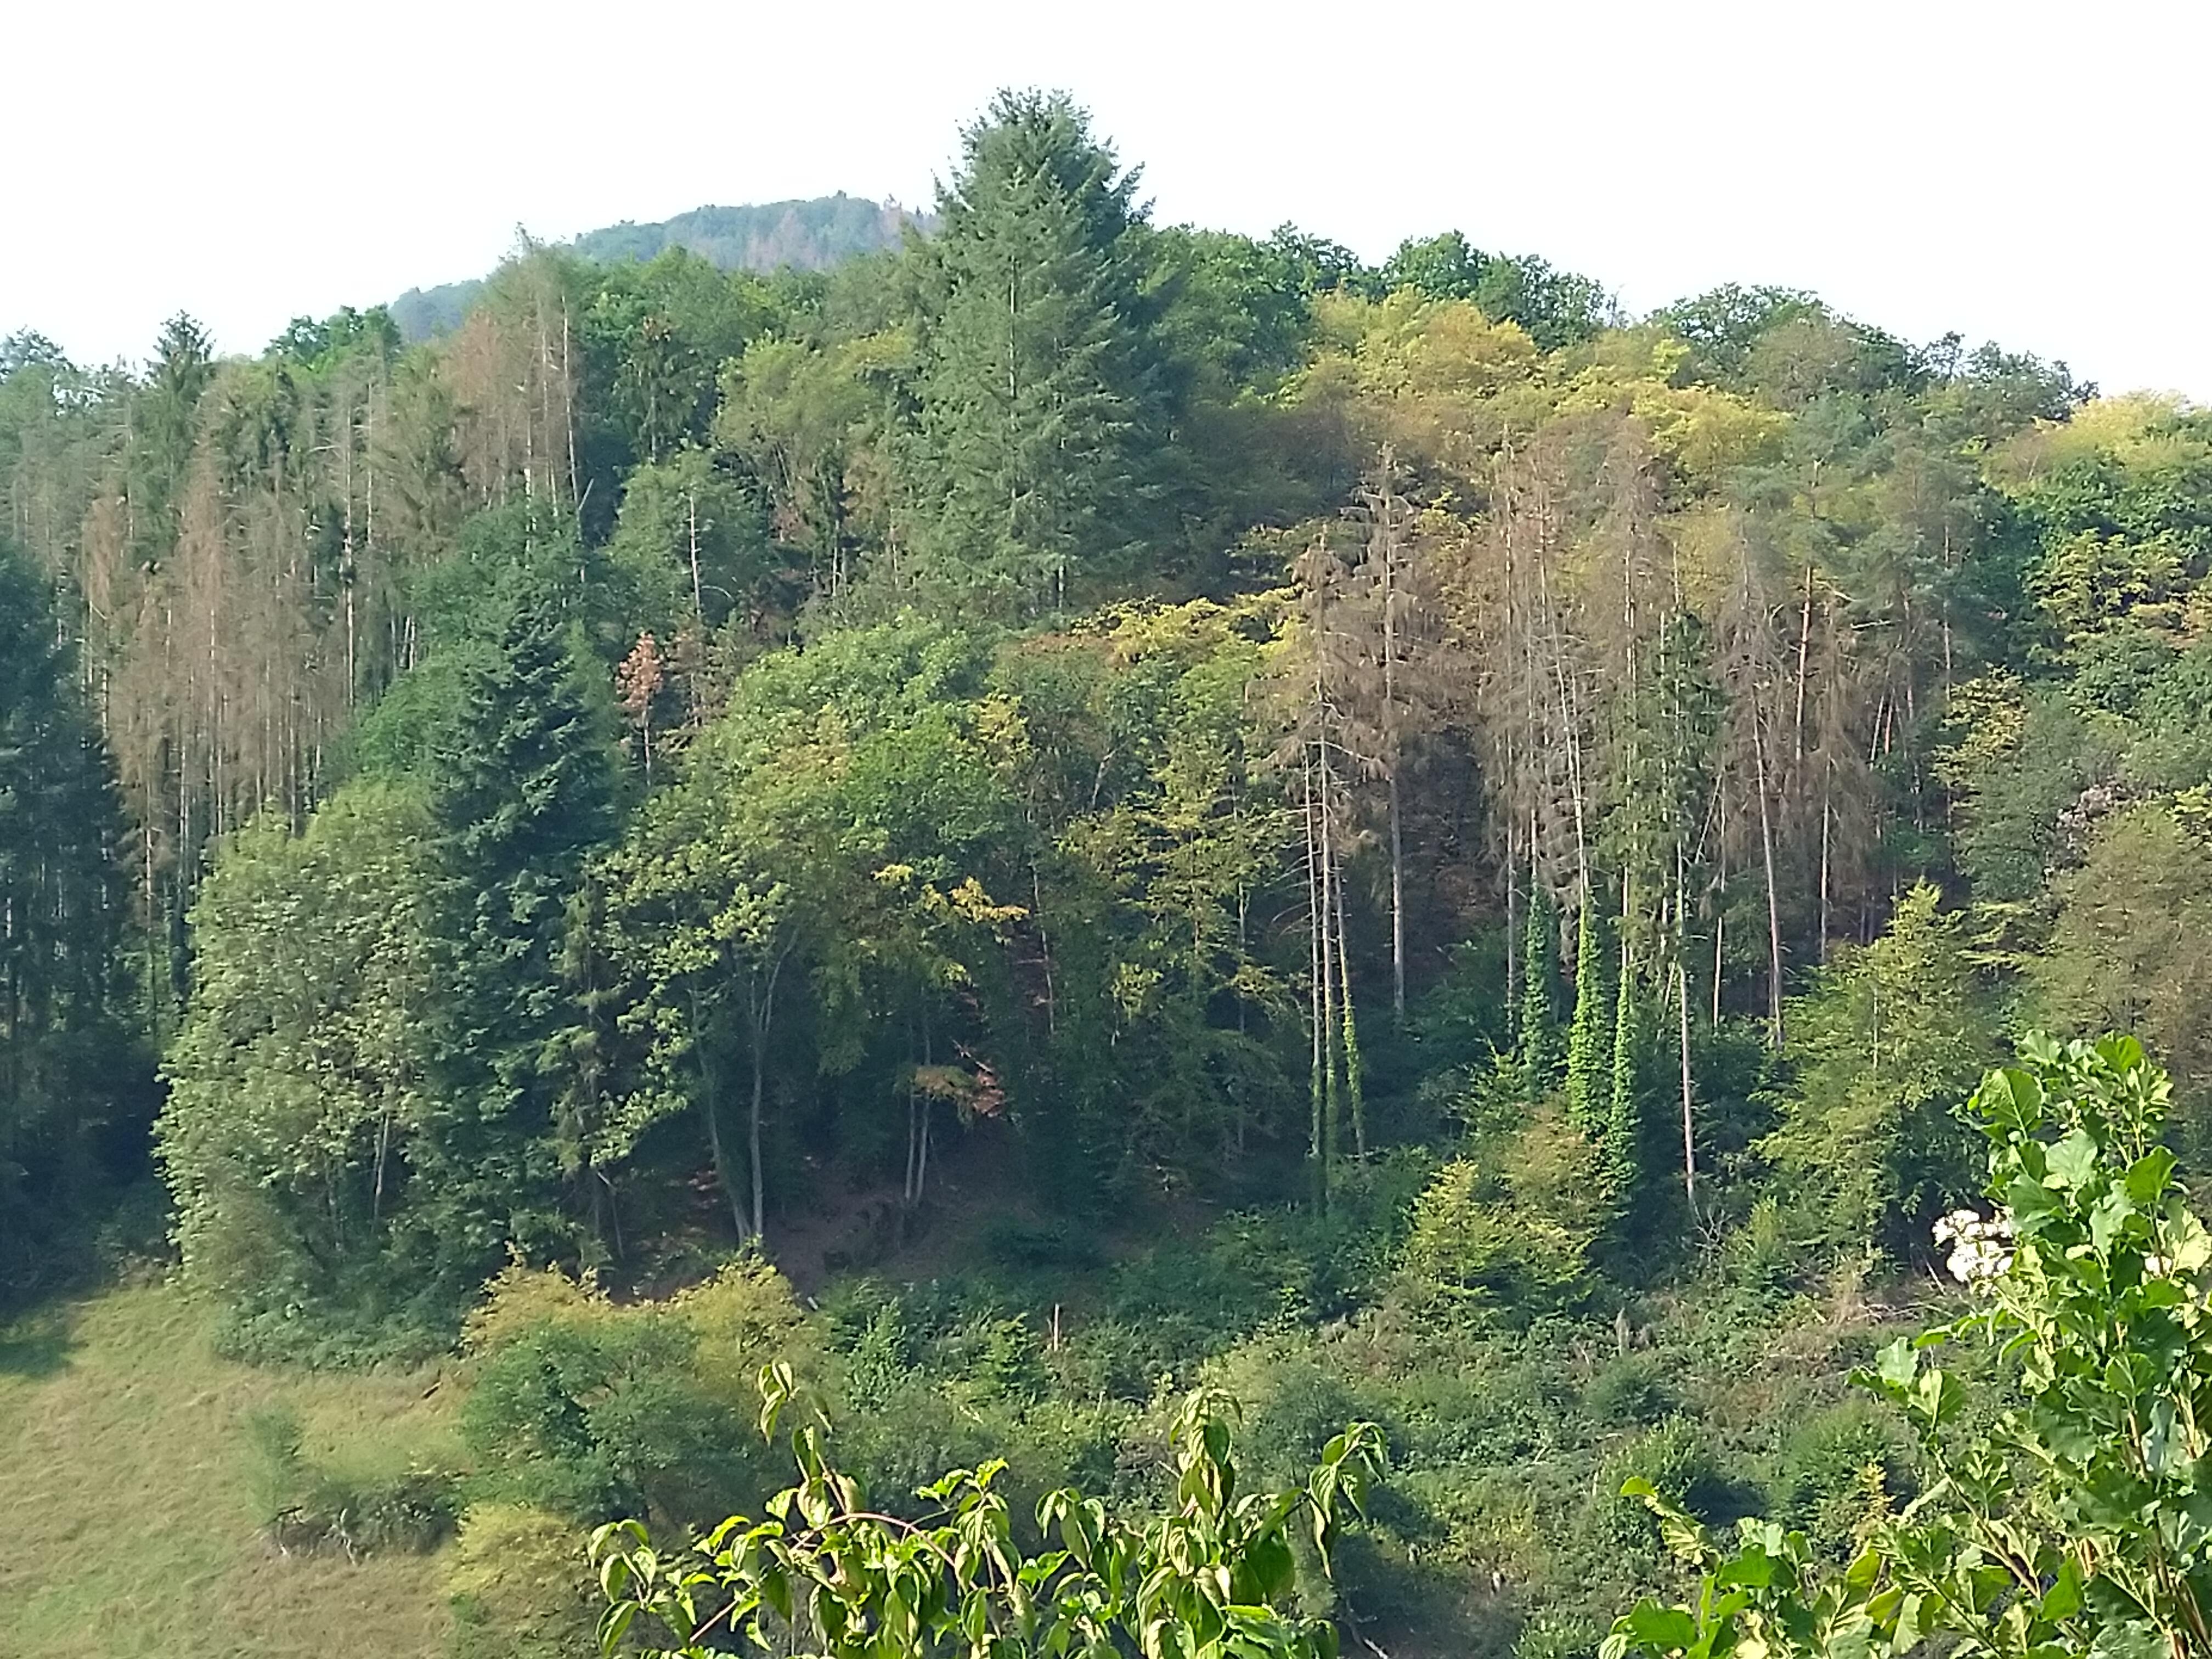 Kurz reflektiert: Unsere Wälder im Klimawandel